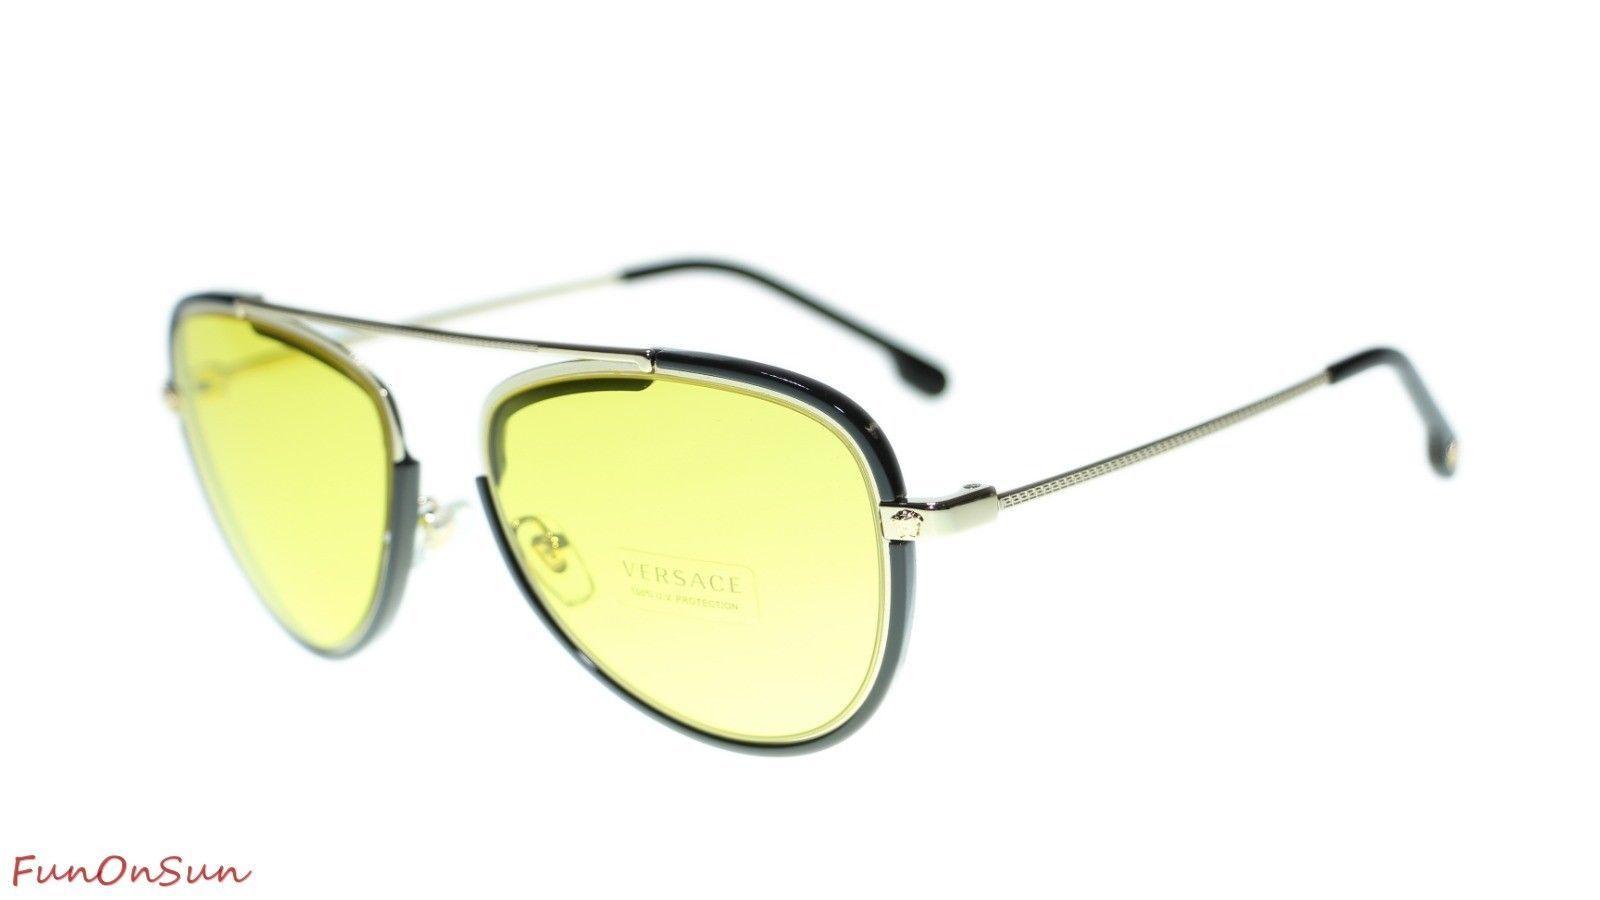 941480adba5c Versace Men Pilot Sunglasses VE2193 125285 and 23 similar items. 10